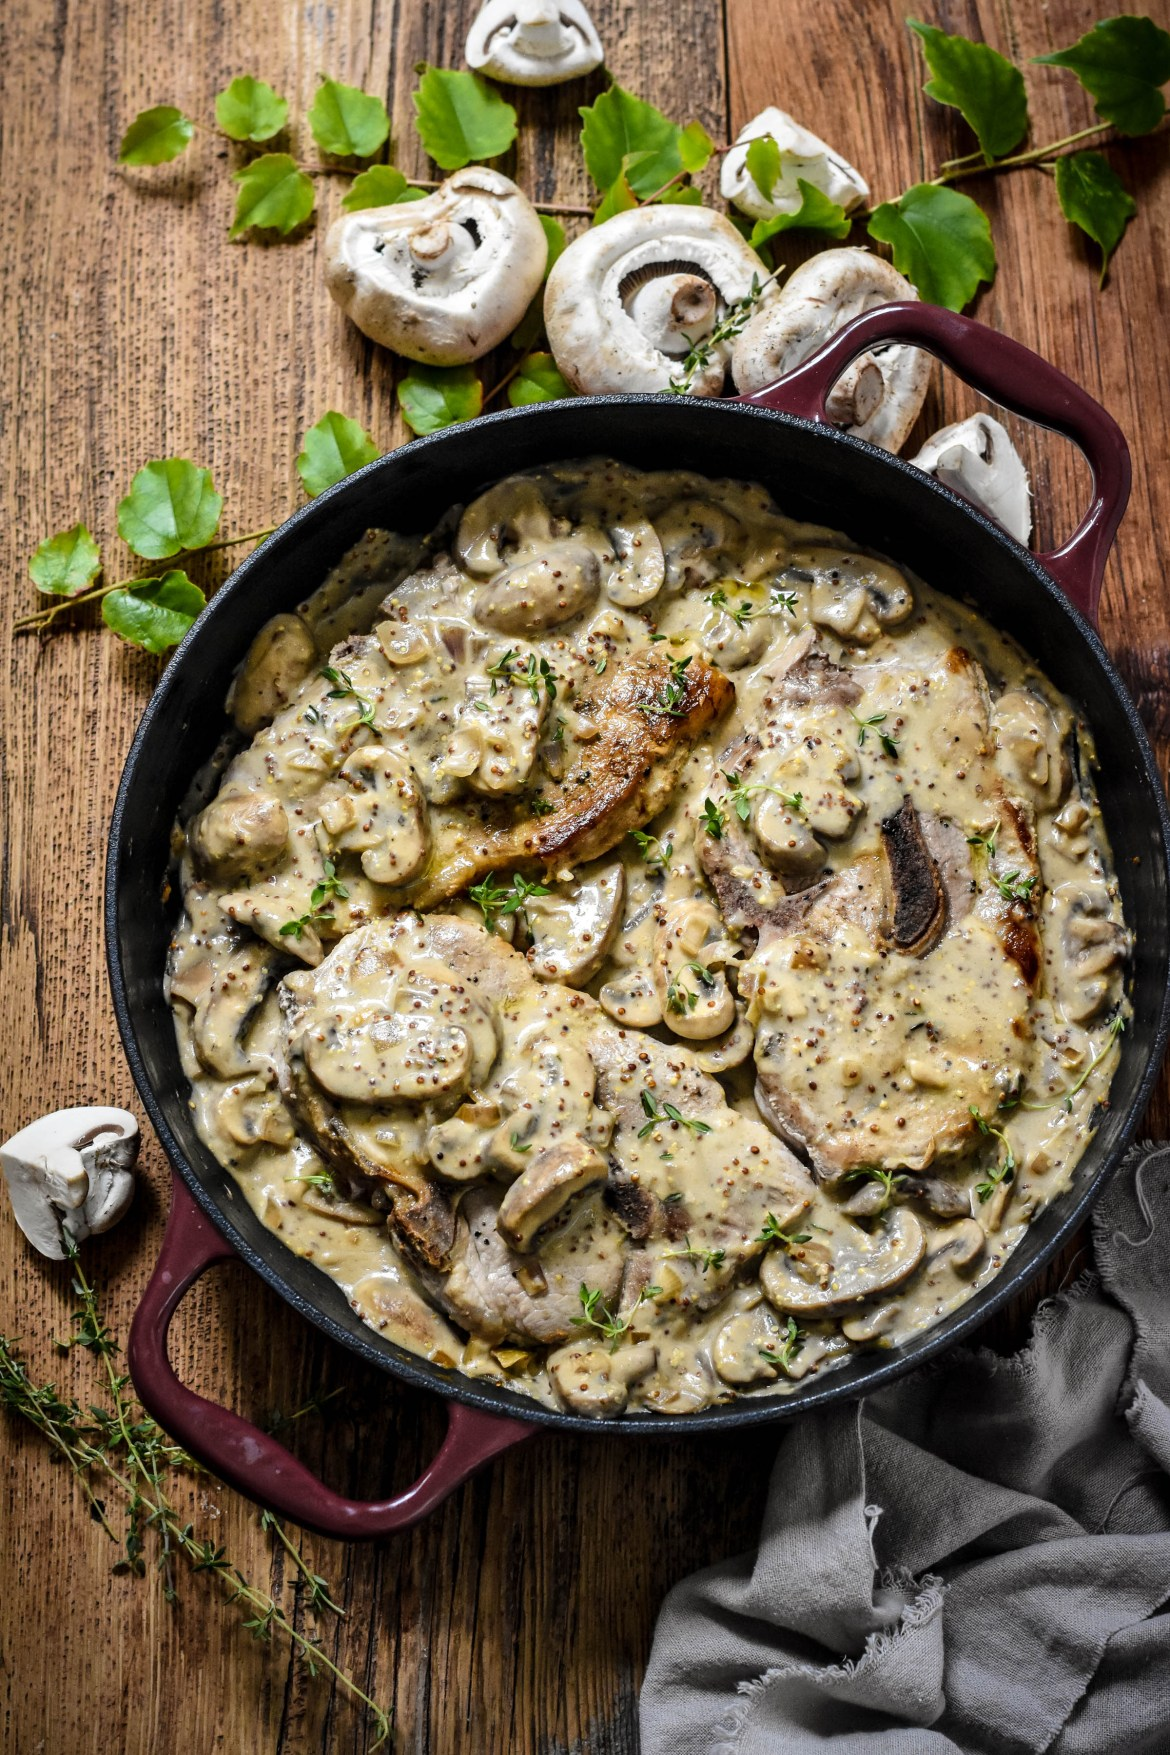 pork chop mushroom mustard recipe Pork Chops in Grainy Mustard and Mushroom Sauce